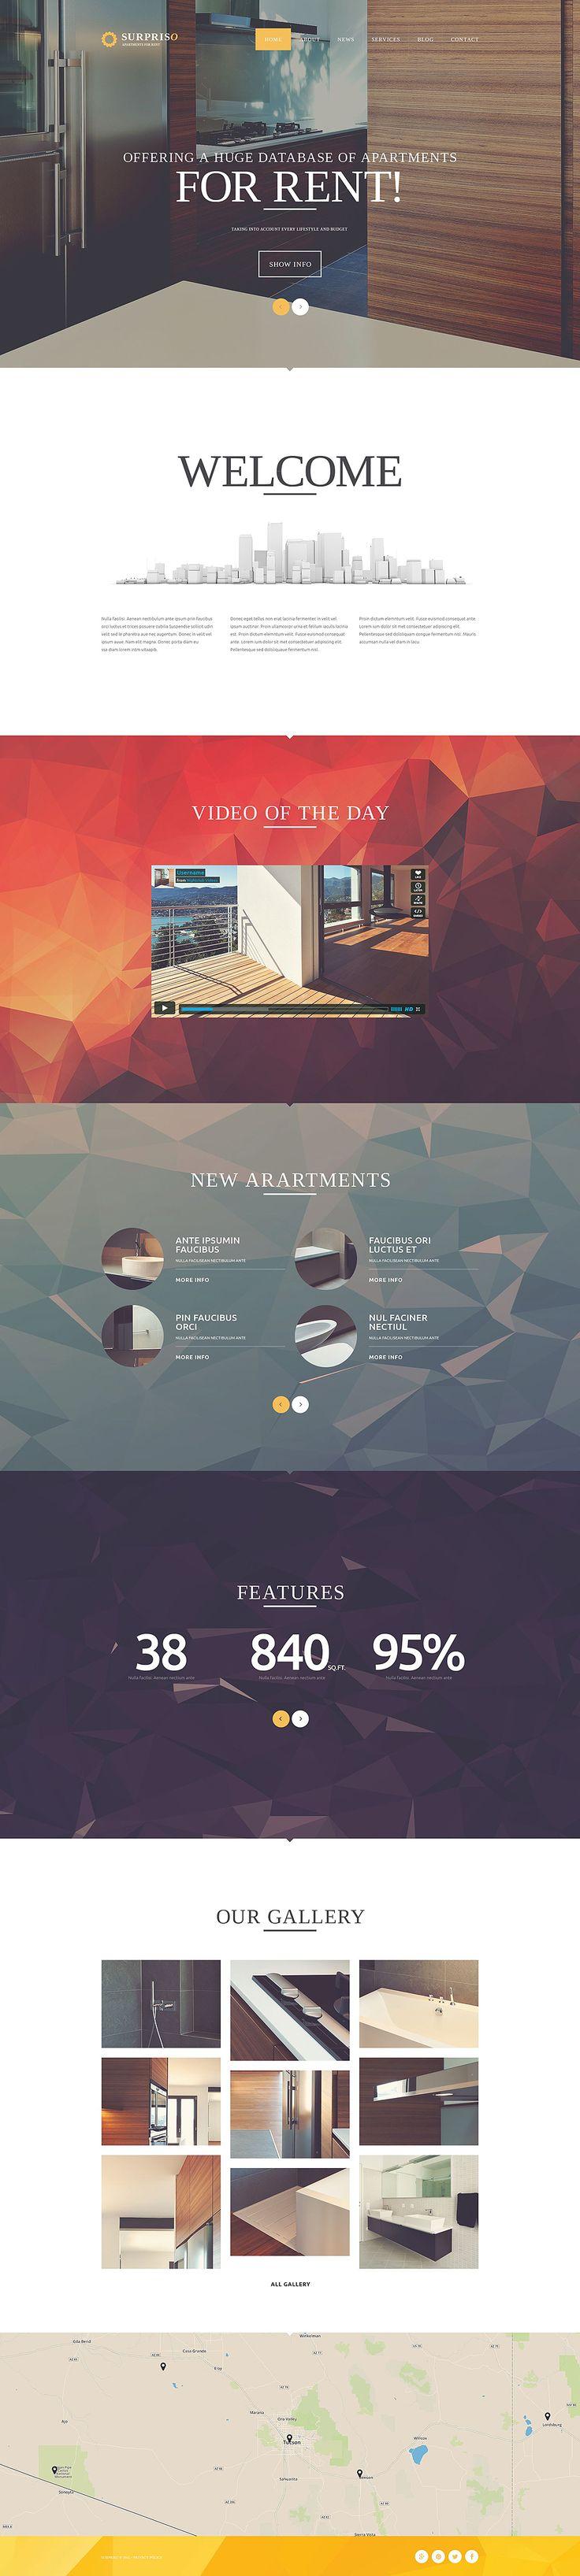 Surpriso #Joomla Template for Rent Agencies http://www.templatemonster.com/joomla-templates/55173.html?utm_source=pinterest&utm_medium=timeline&utm_campaign=55173joo